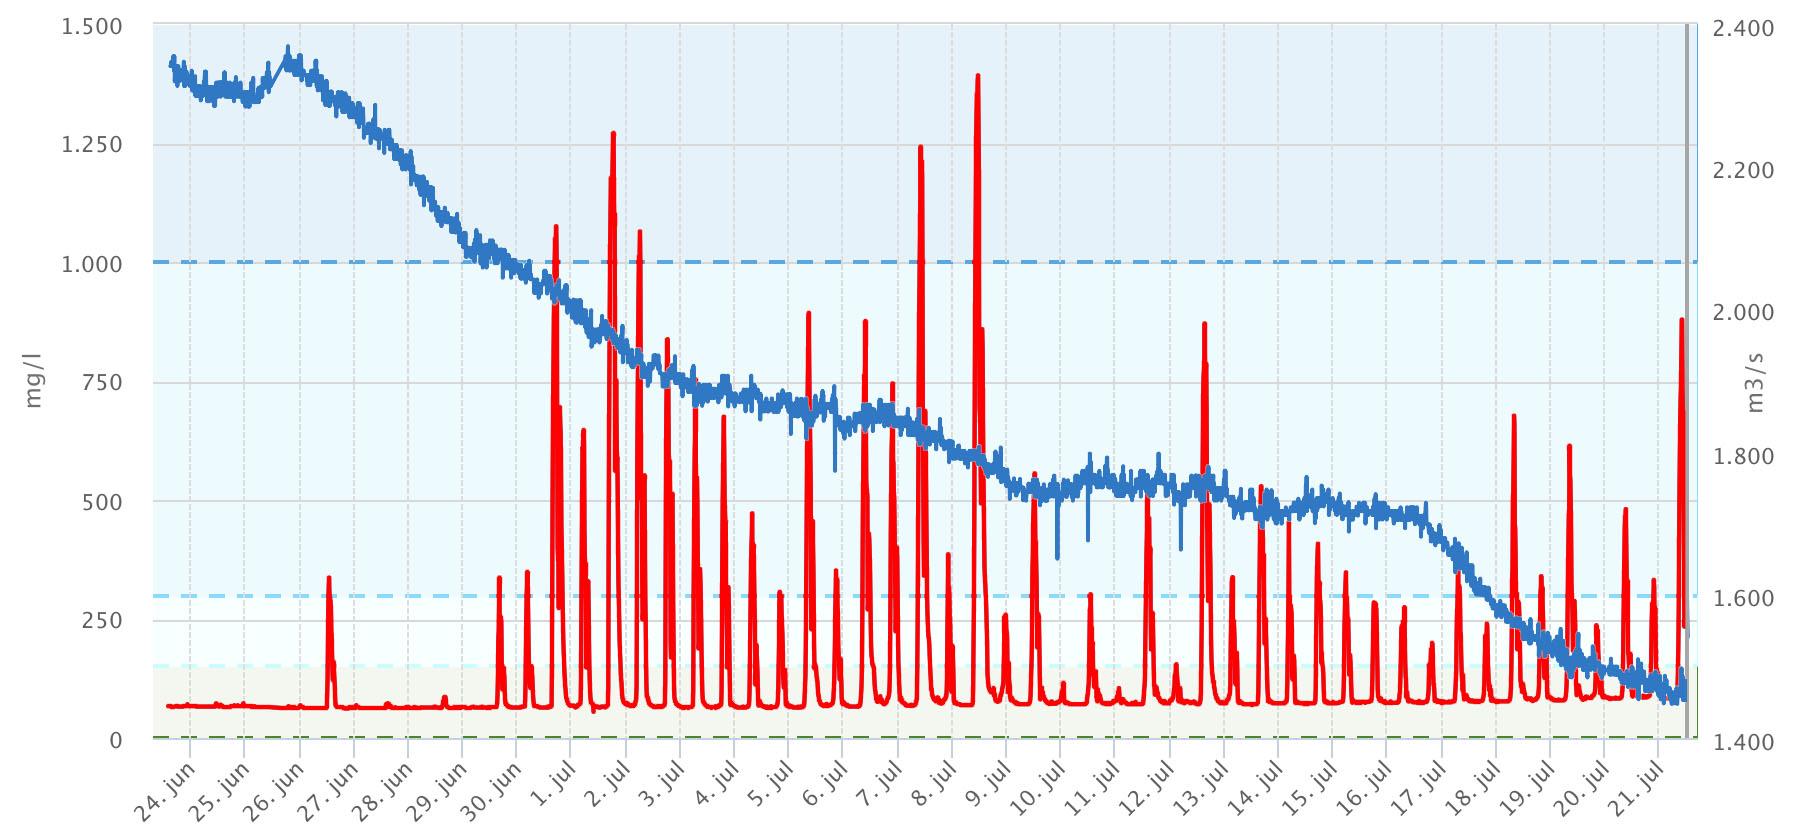 zoutgehalte Brienoord (rode lijn) en Rijnafvoer bij Lobith (blauwe lijn) in de afgelopen maand (bron waterinfo.nl)